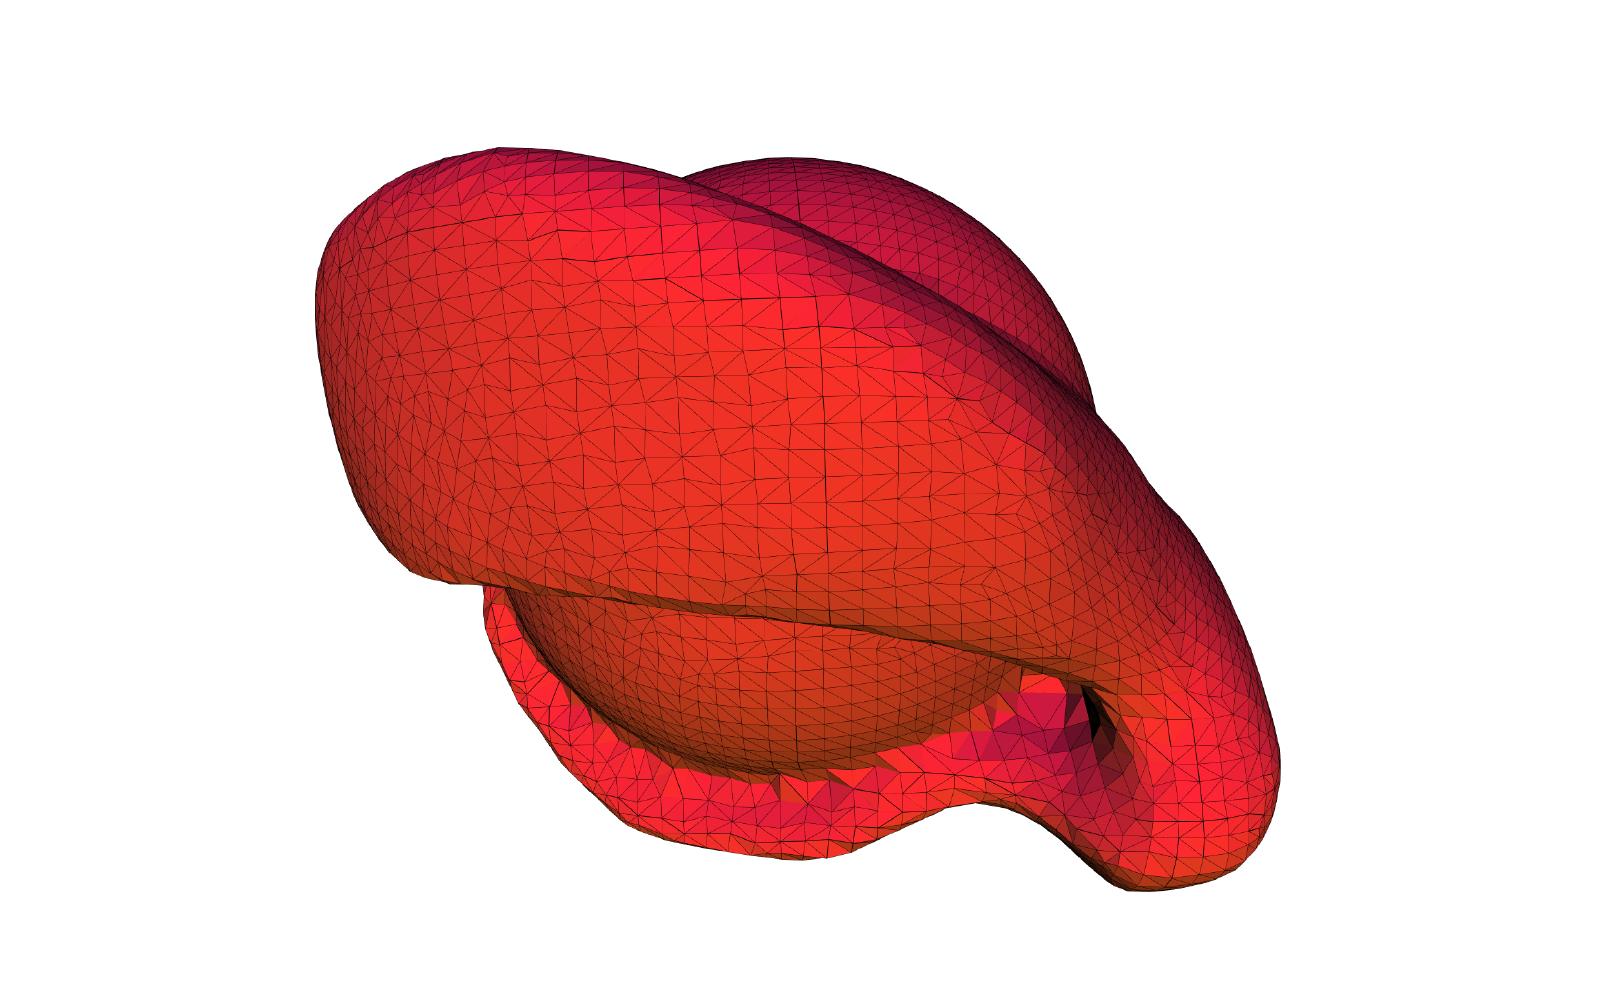 3d model of an eye